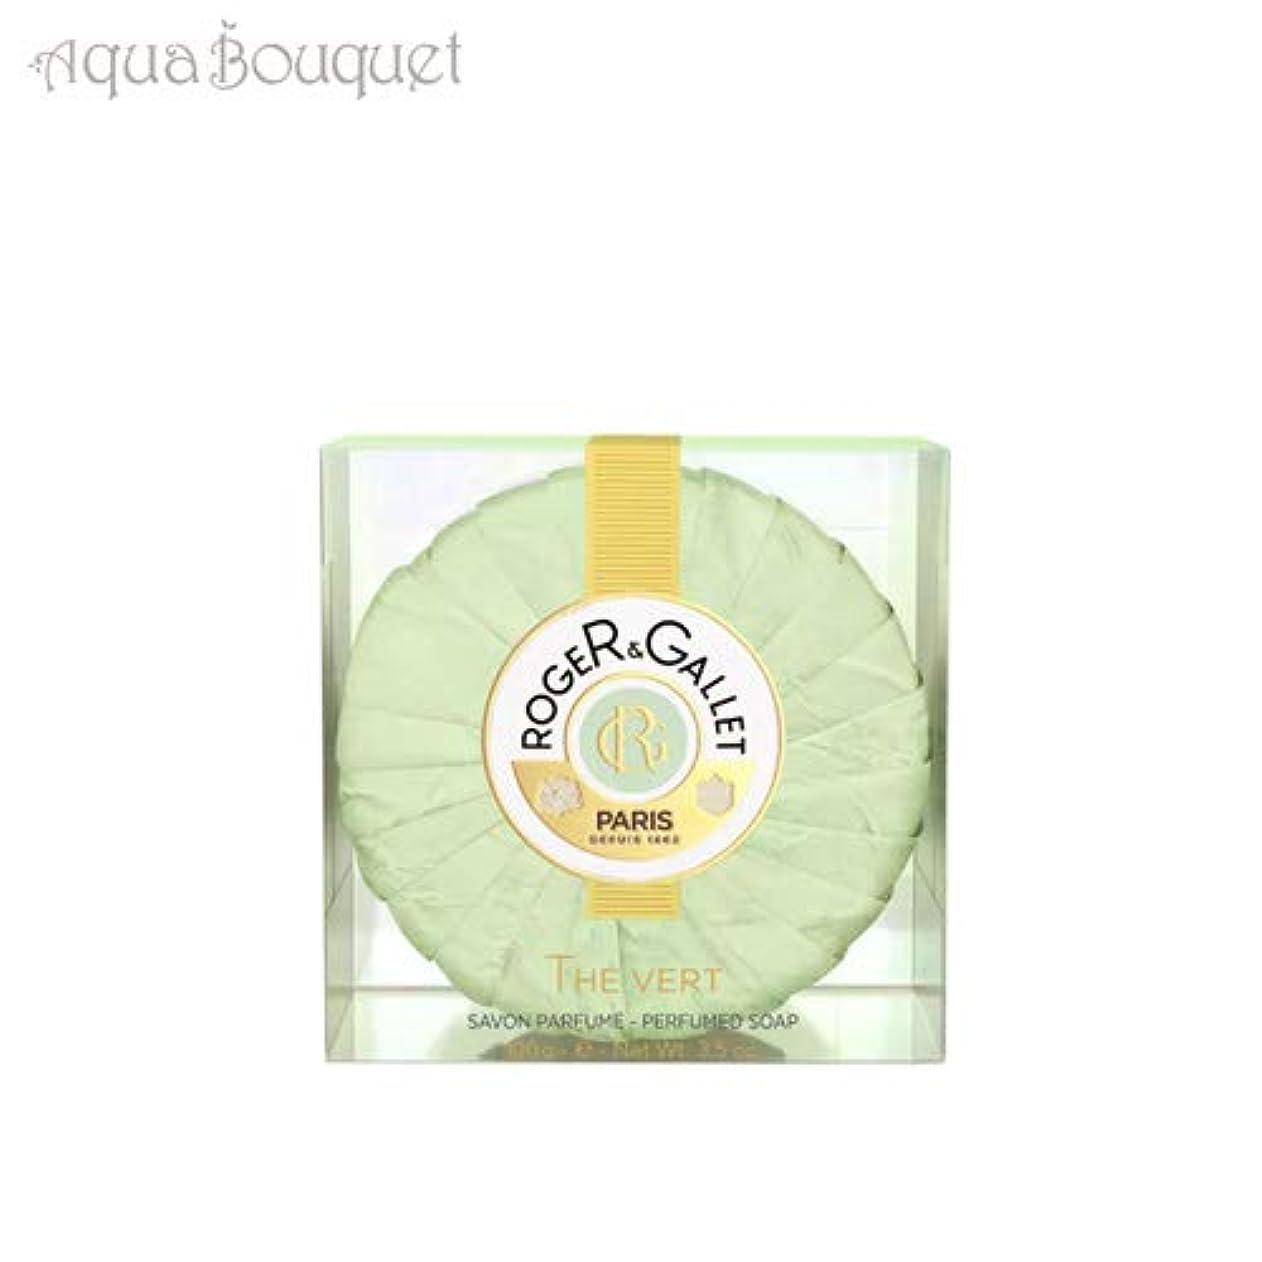 雑草バイオリニストレプリカロジェガレ グリーンティー ソープ(オーデ テ ヴェール) 香水石鹸 100g ROGER&GALLET EAU DE THE VERT (GREEN TEA) SOAP [9920] [並行輸入品]